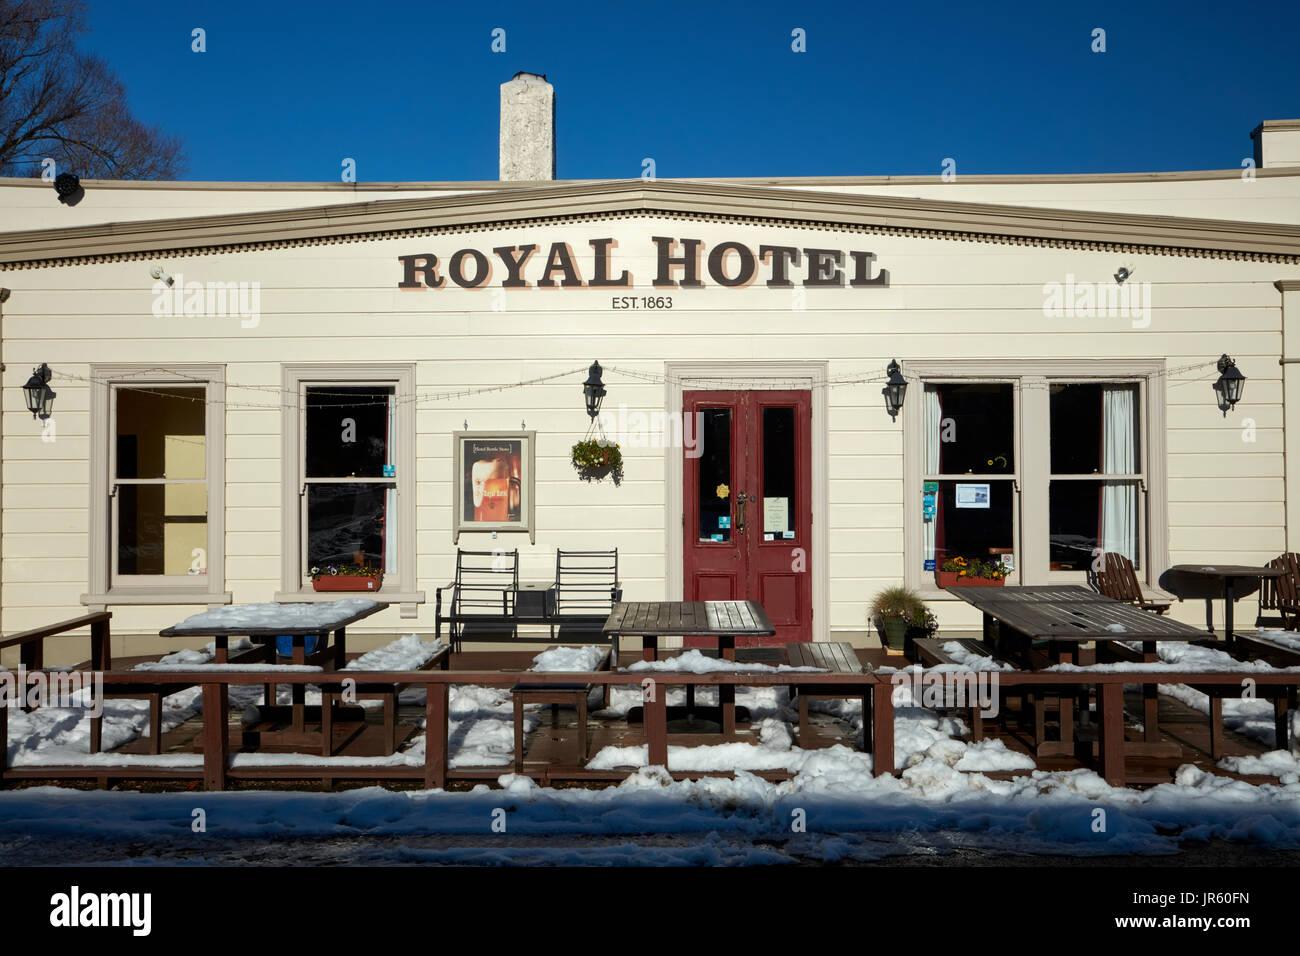 Royal Hotel (1878) en hiver, Balmoral, Maniototo, Central Otago, île du Sud, Nouvelle-Zélande Banque D'Images